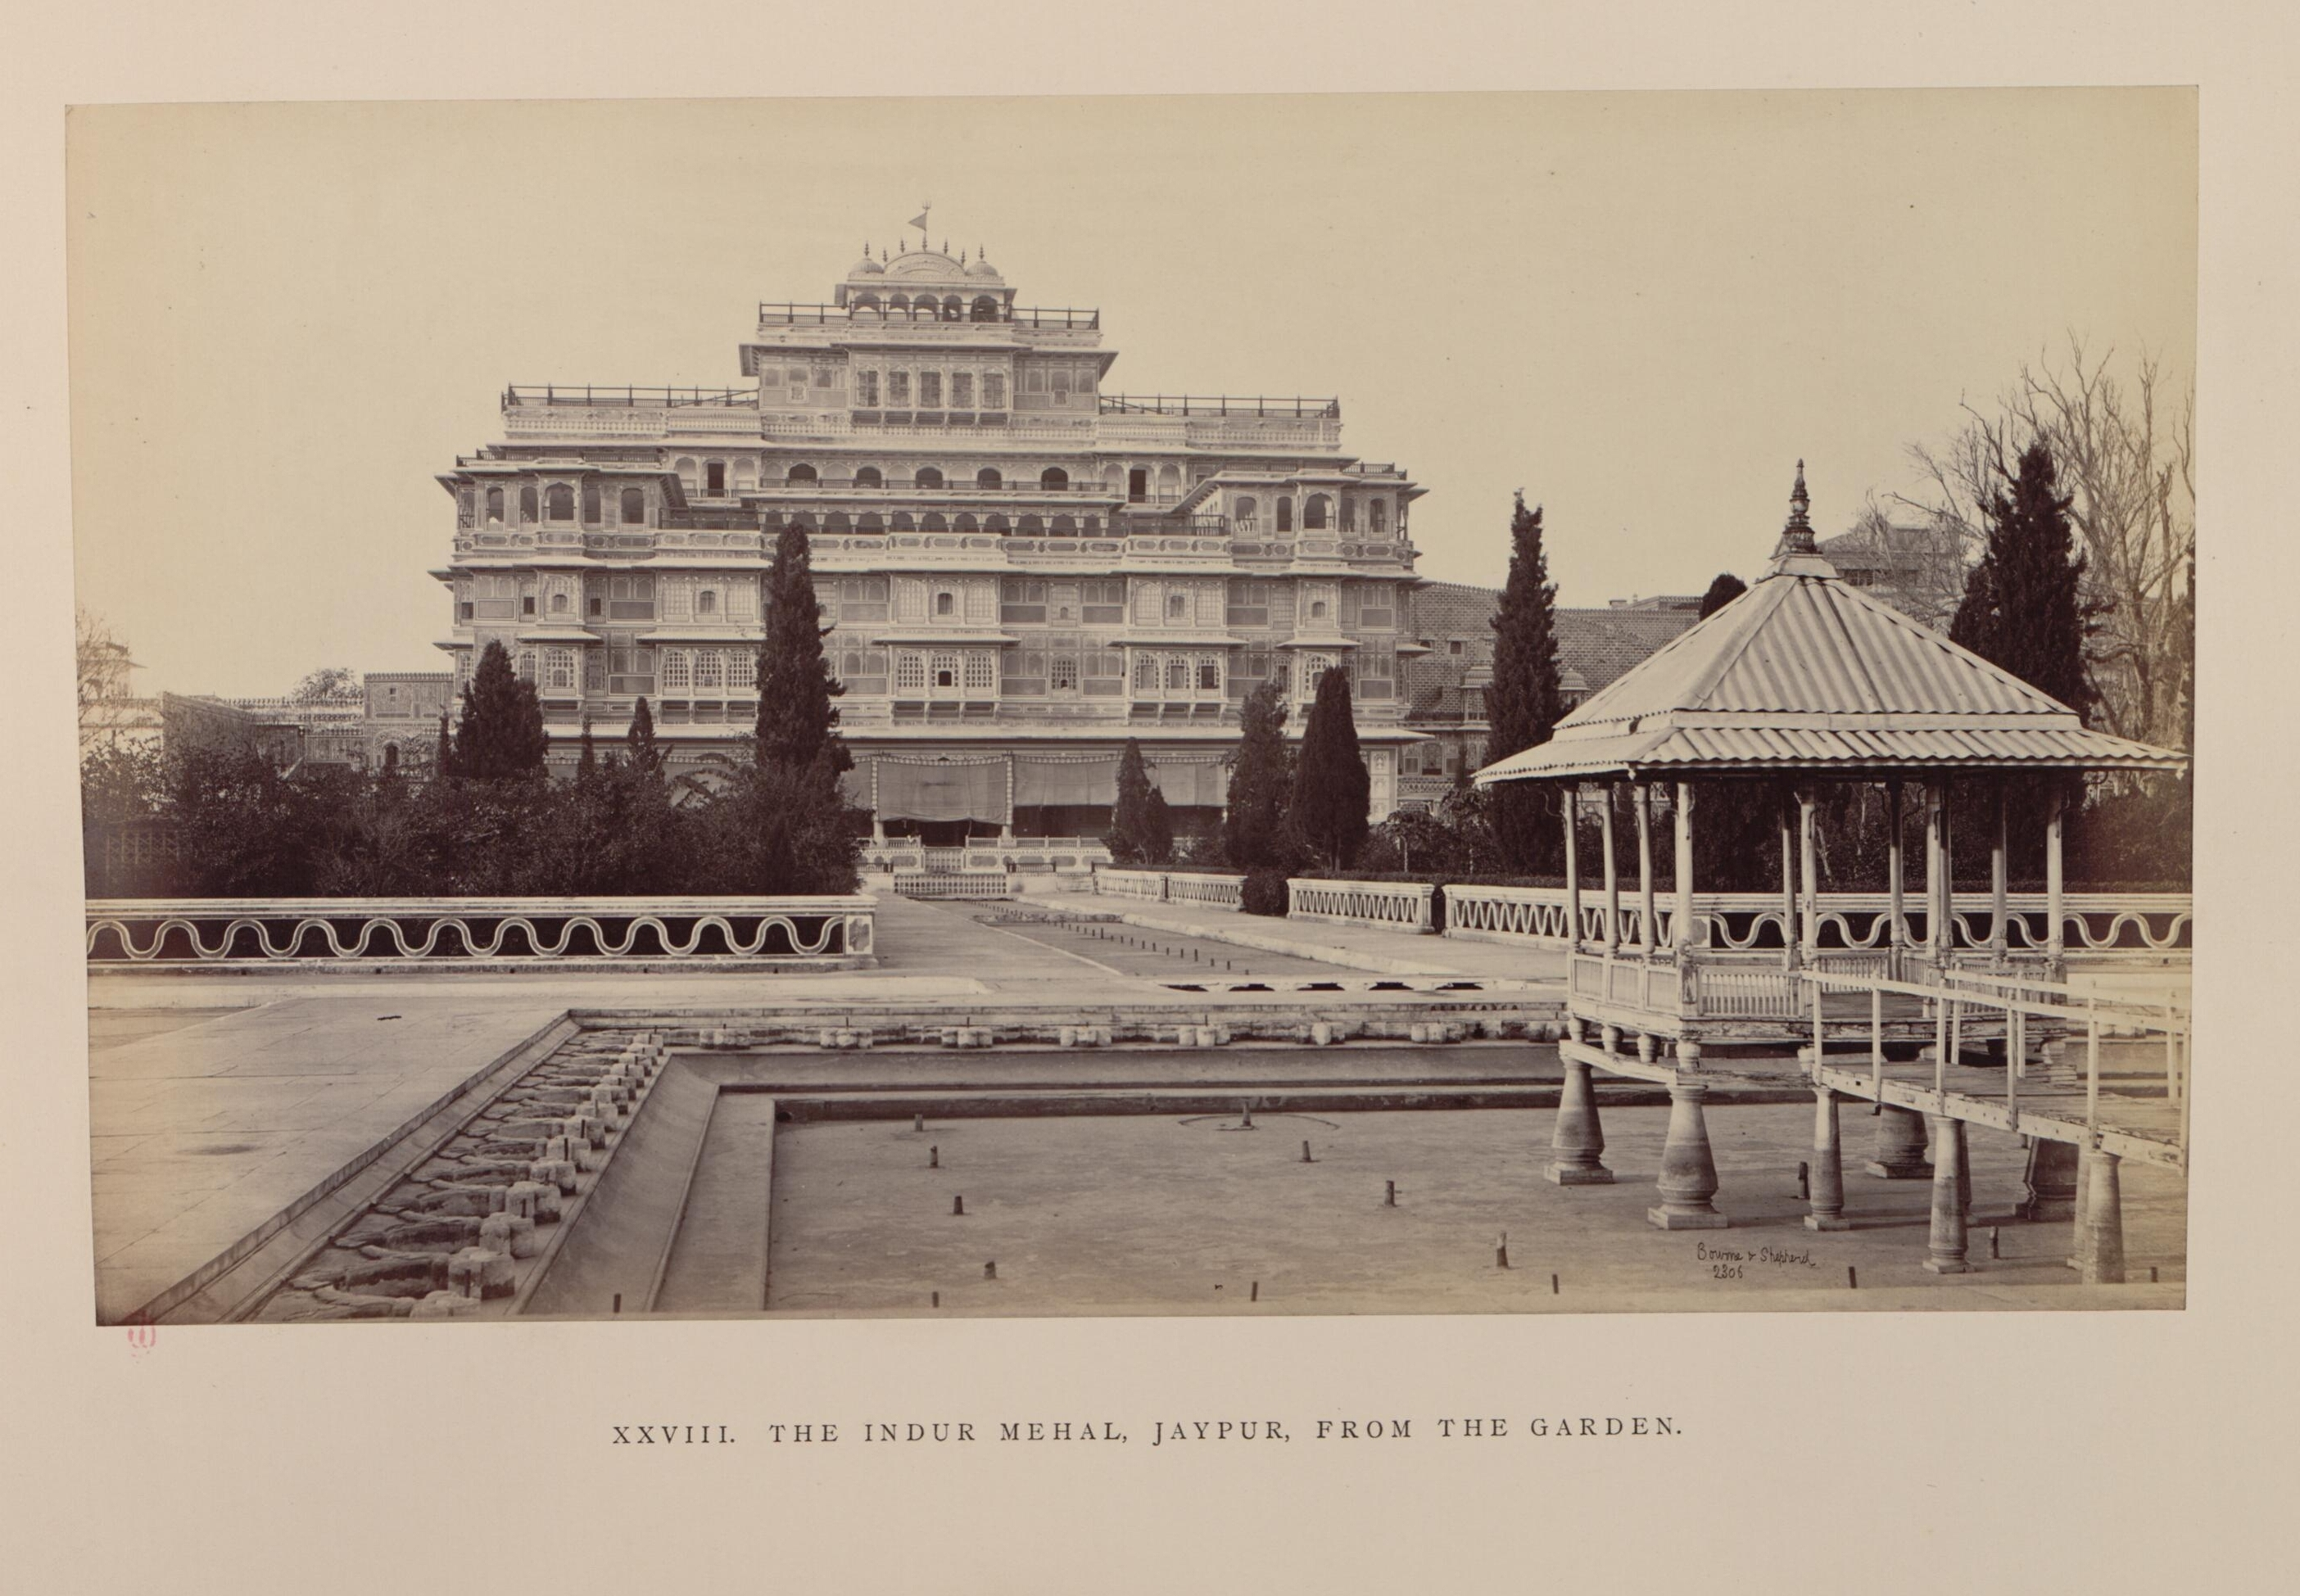 Джайпур. Вид на Индур-Махал из сада